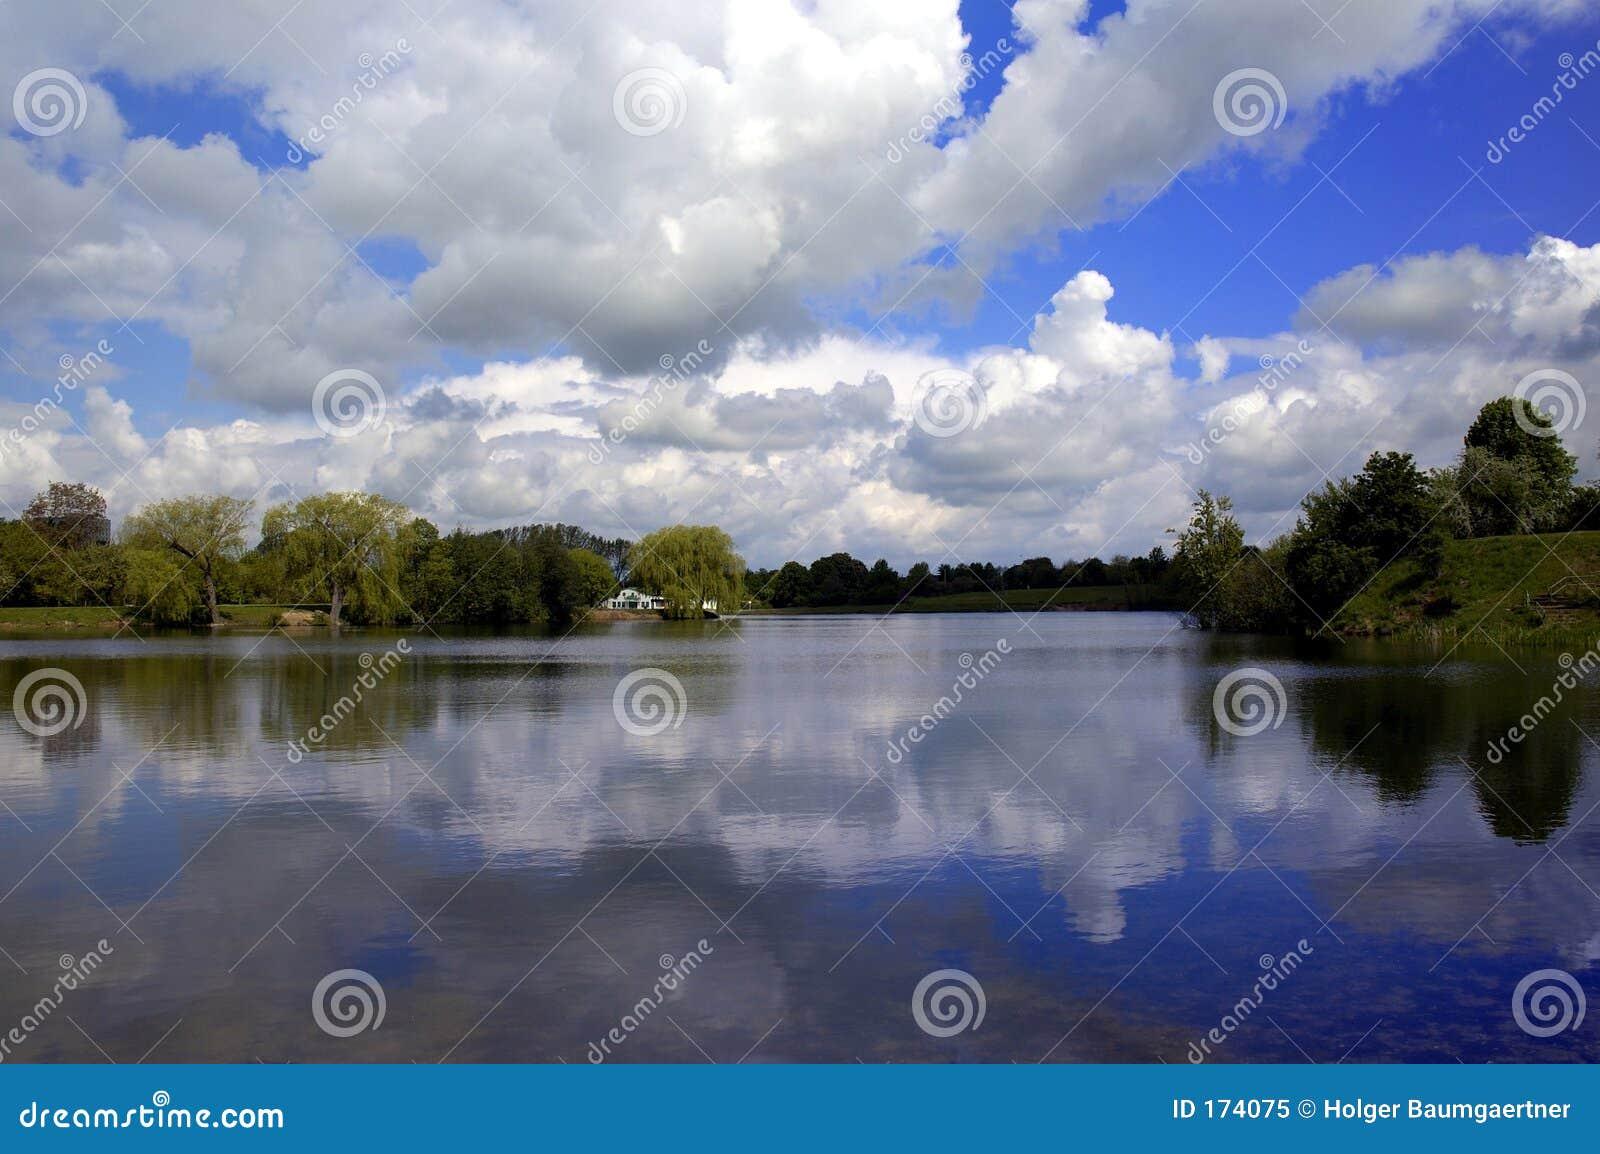 Clouds paradis